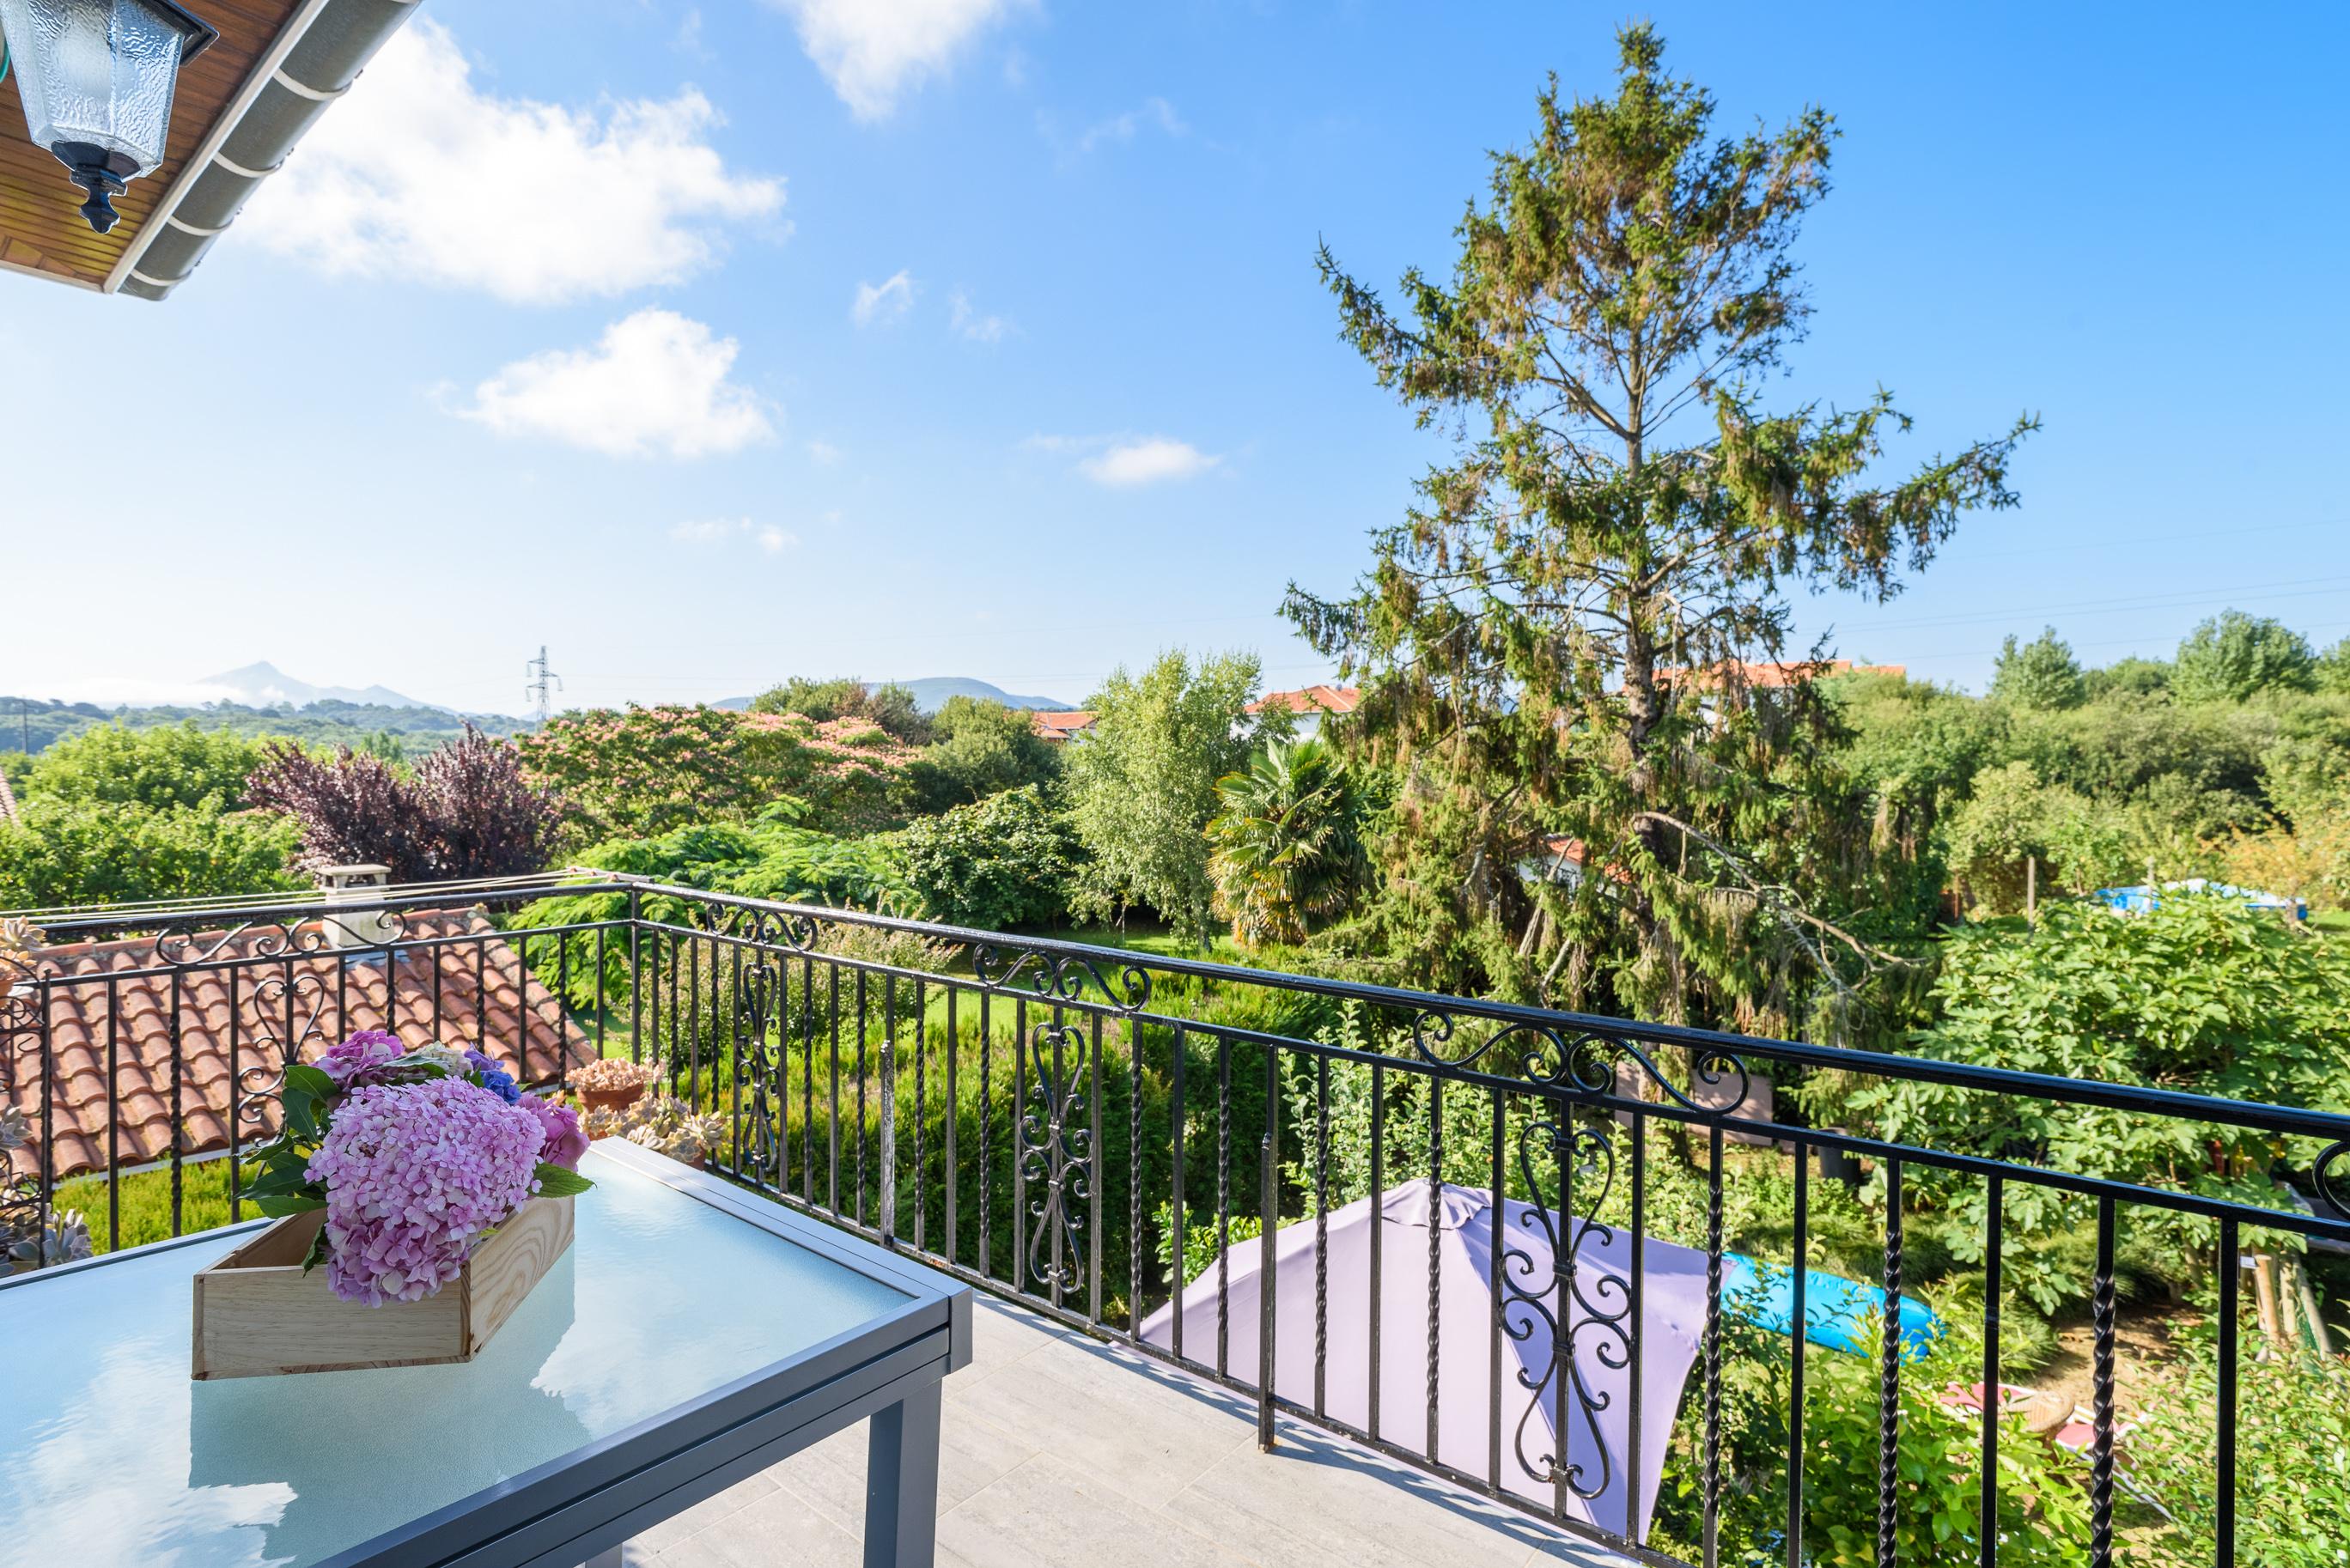 Hendaia Aguerria,Pisazo en villa con bonito jardin de 500m2,garaje.Proximidad playa.Informate!!!